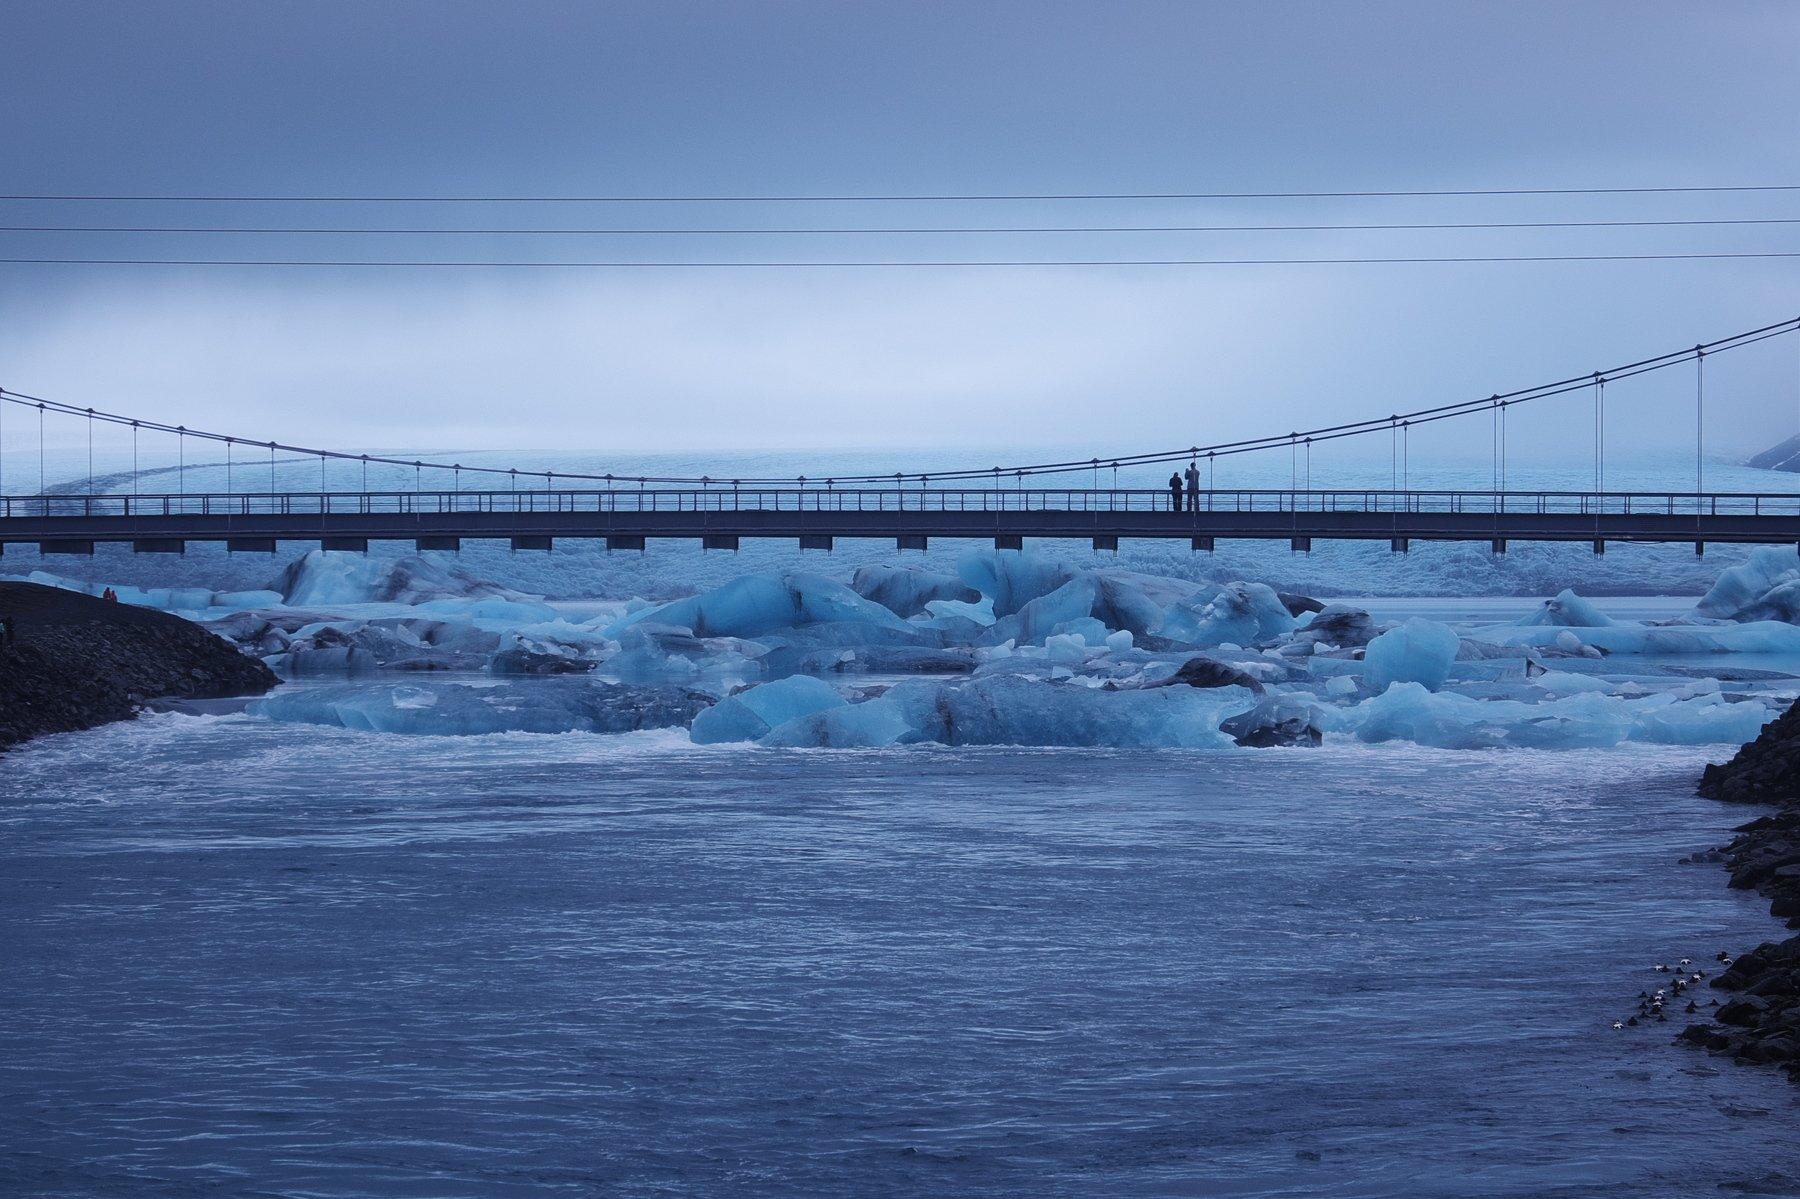 лед, зима, арктика, исландия, мост, север, ice, winter, arctic, iceland, bridge, north, Serg Pechenizhskiy